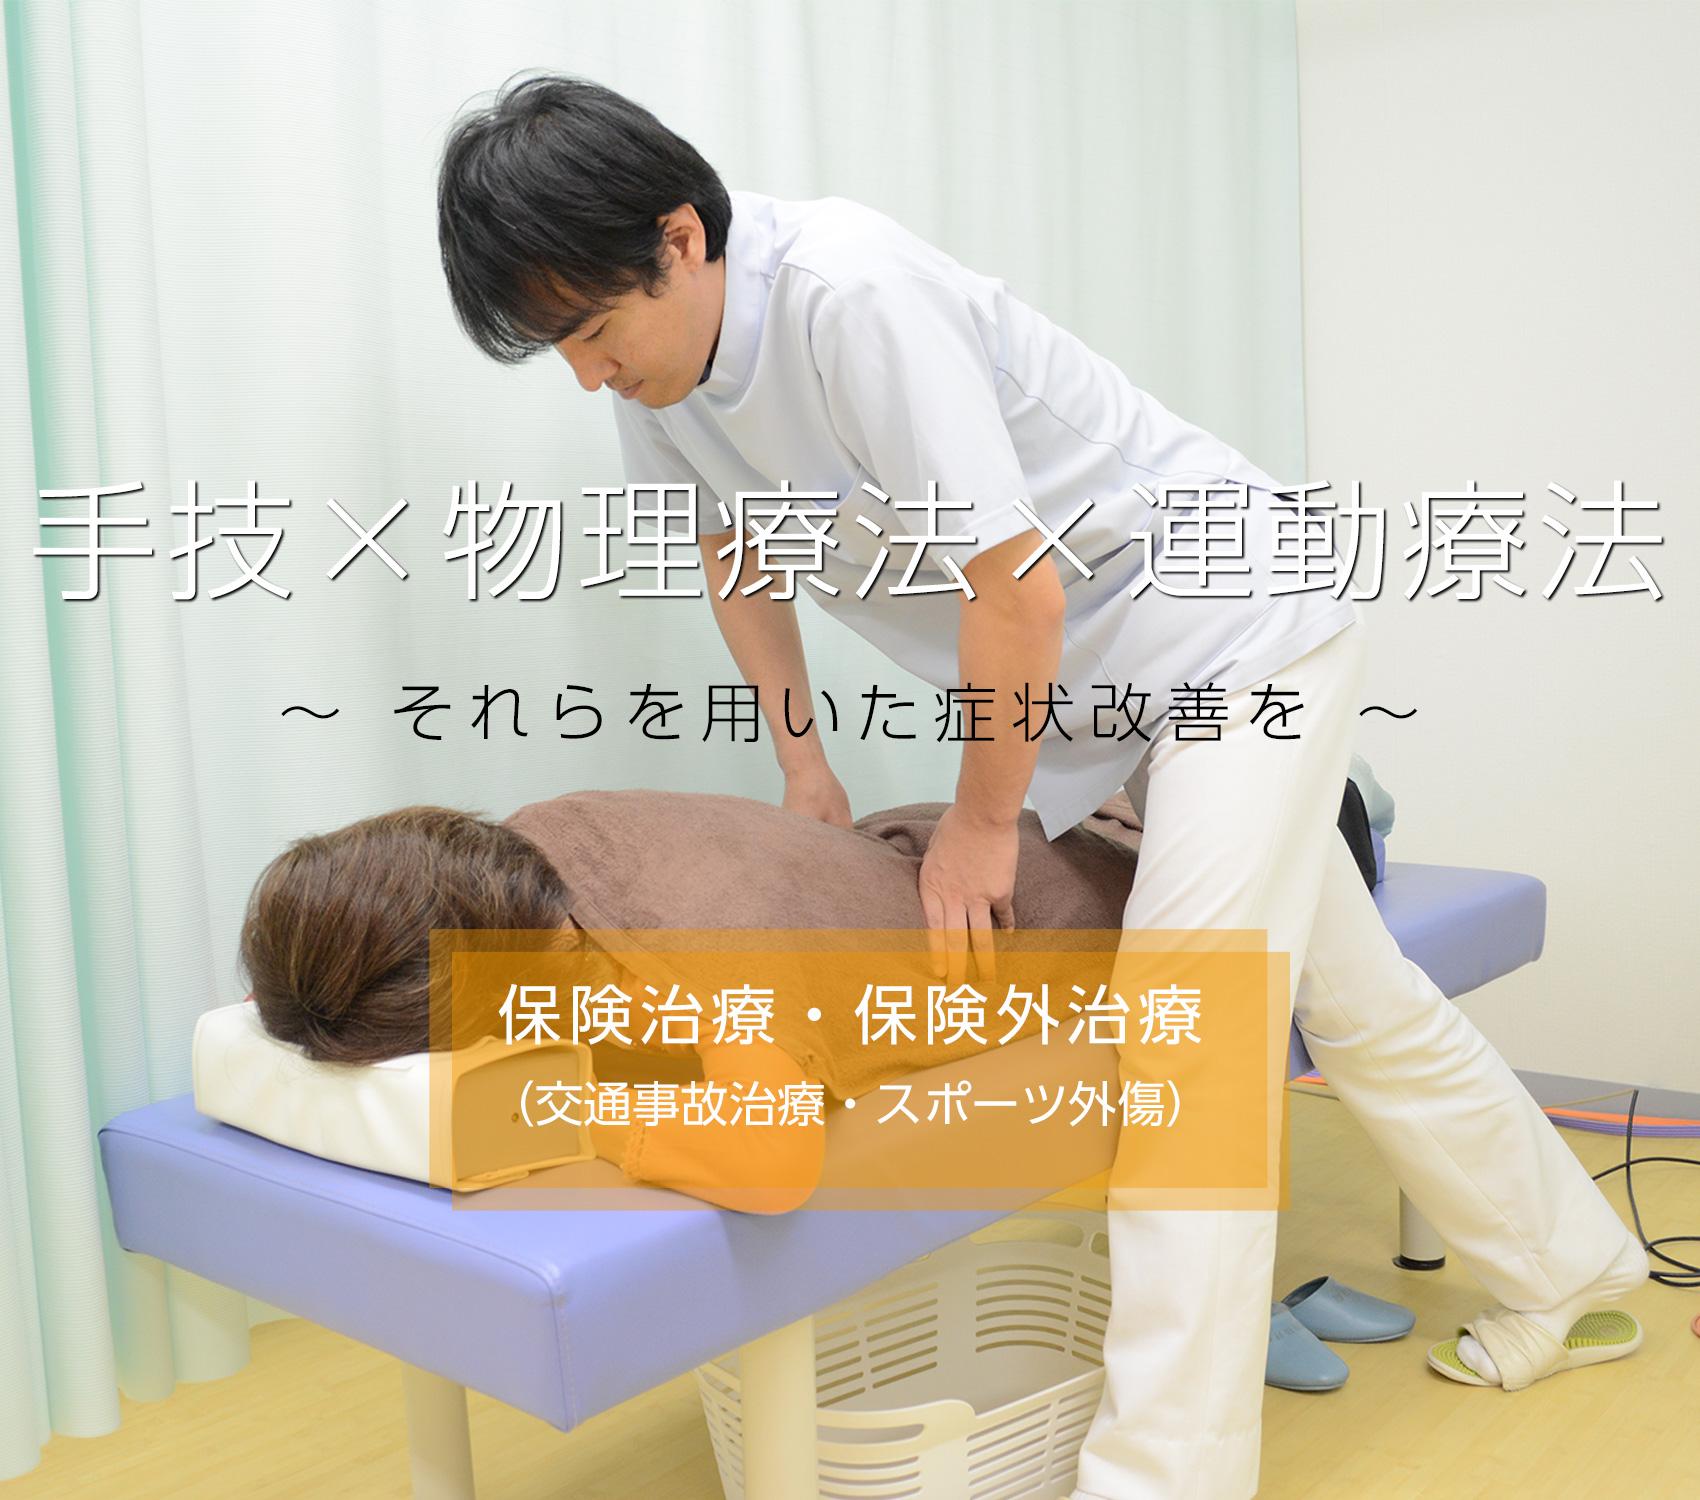 手技×物理療法×運動療法 ~それらを用いた症状改善を~